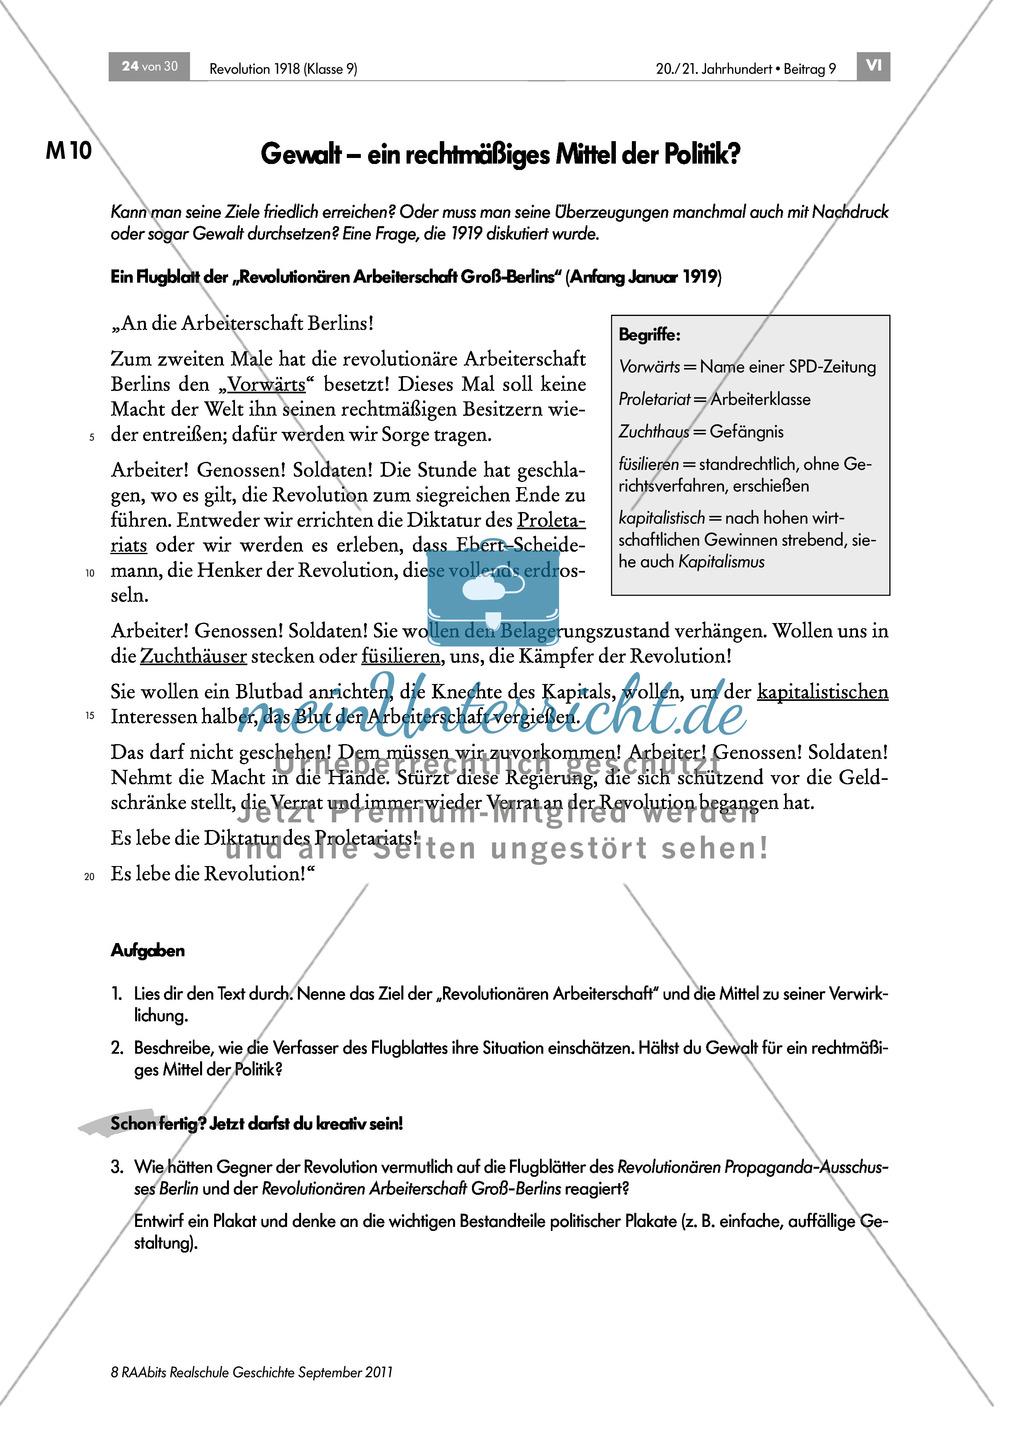 Quellen, Plakate, Flugblätter zum Spartakusbund und zur KPD in der Weimarer Republik mit Aufgaben Preview 6